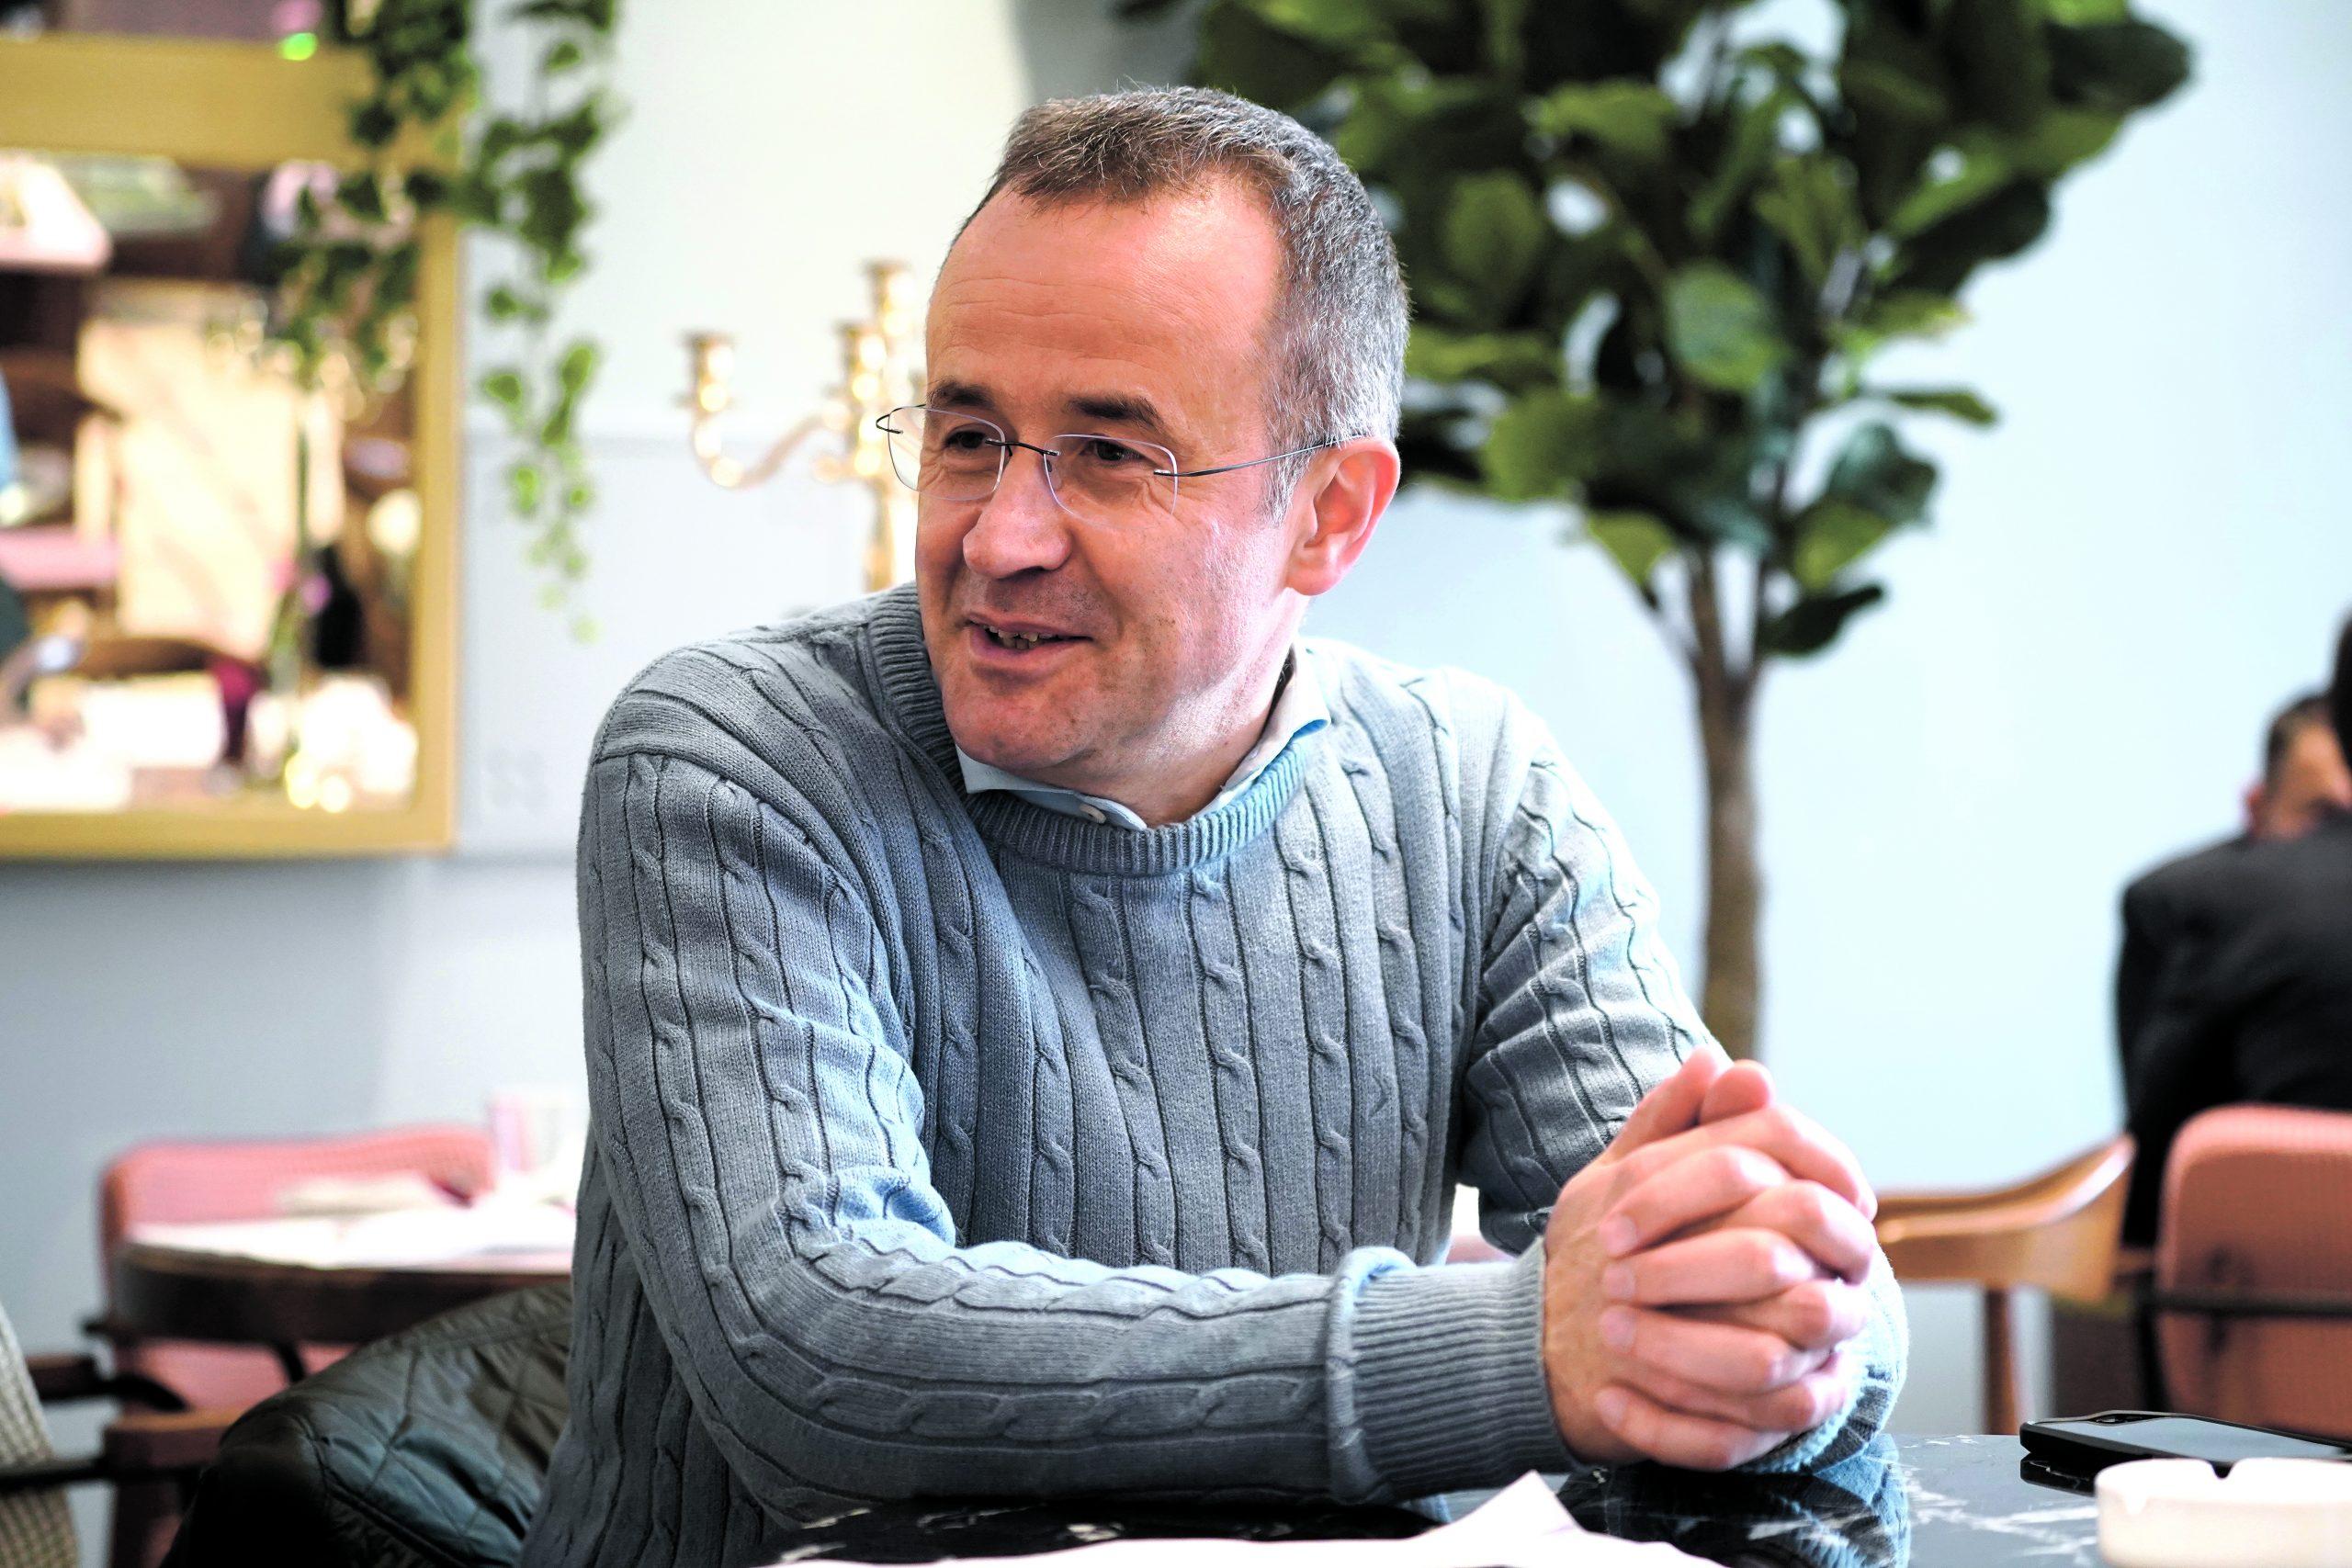 Go to Dr Milan Milenković, ginekolog: u Evropi se usavršava zaštita plodnosti